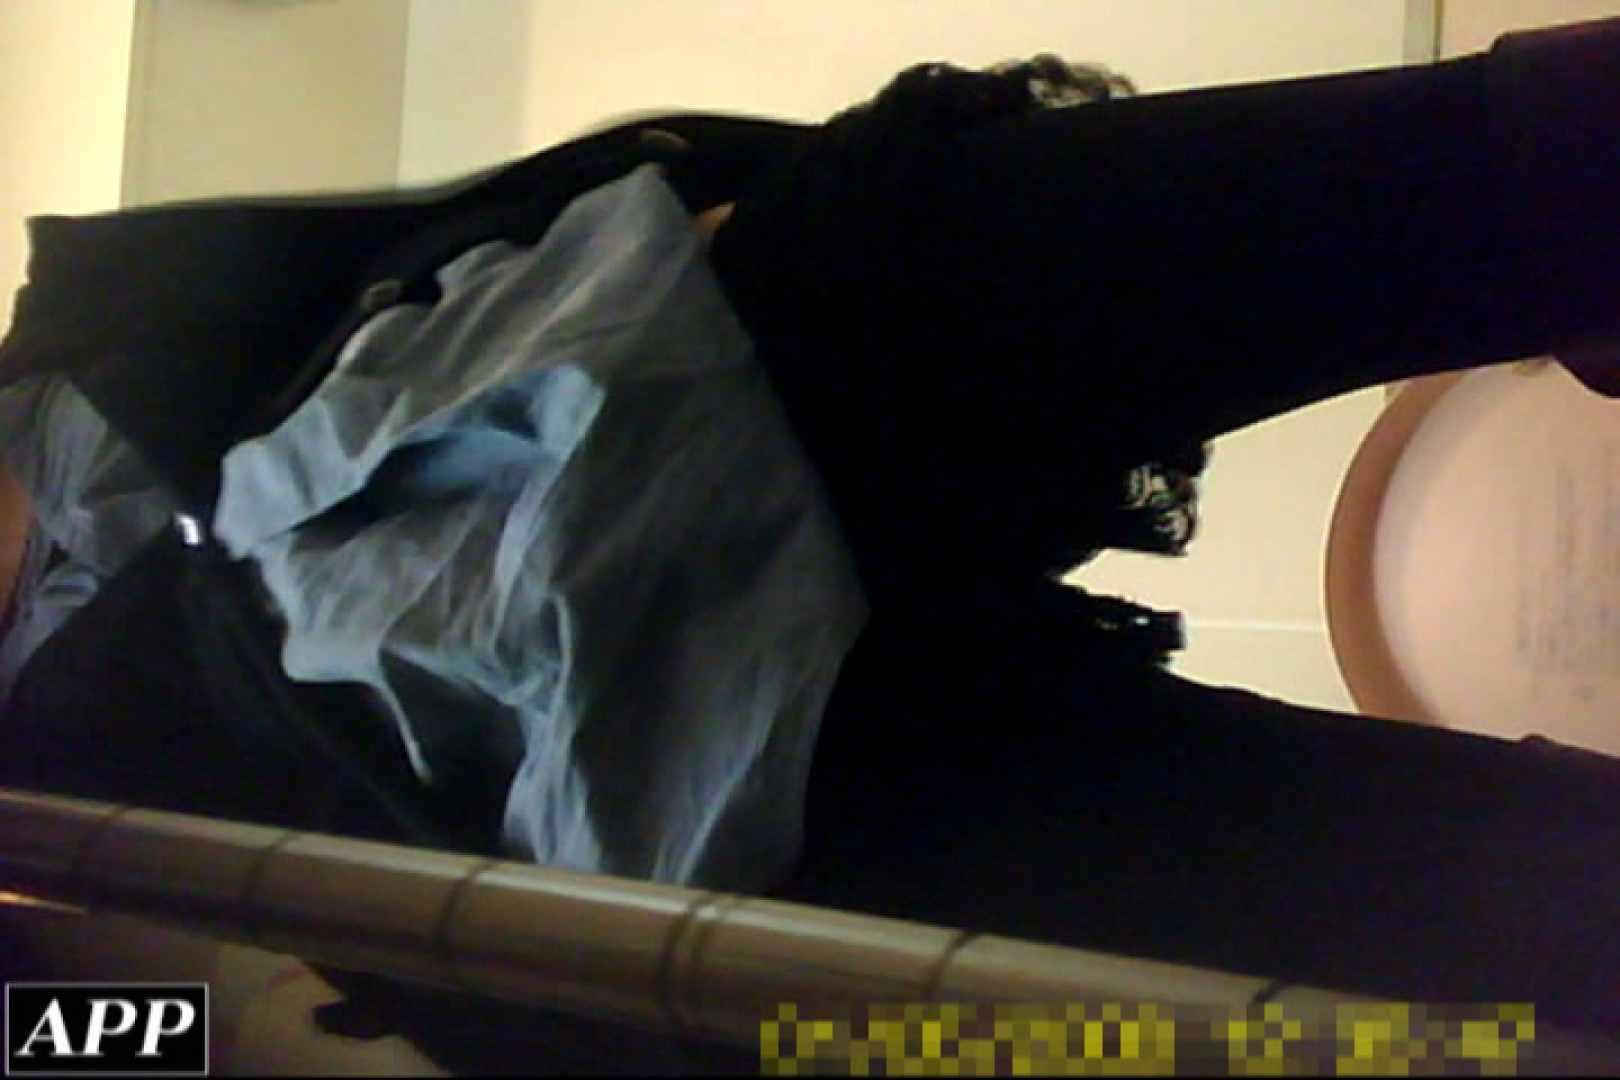 3視点洗面所 vol.64 マンコエロすぎ SEX無修正画像 112PIX 2